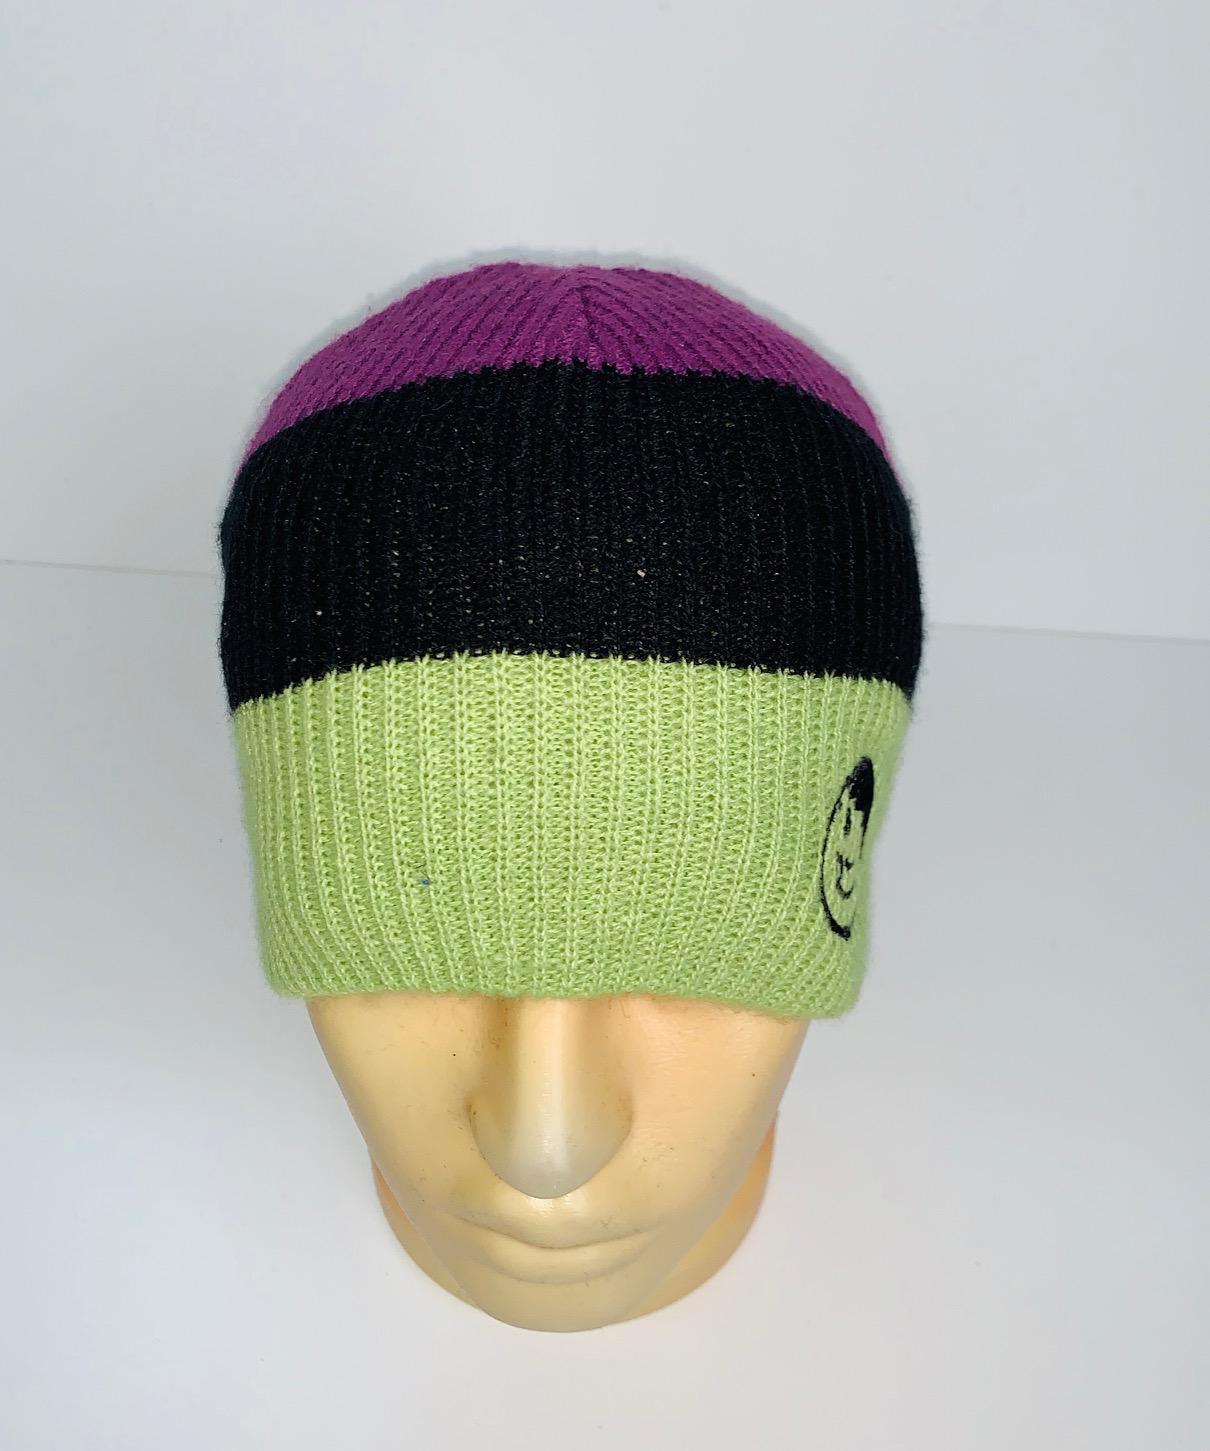 Трехцветная шапка с клевой вышивкой